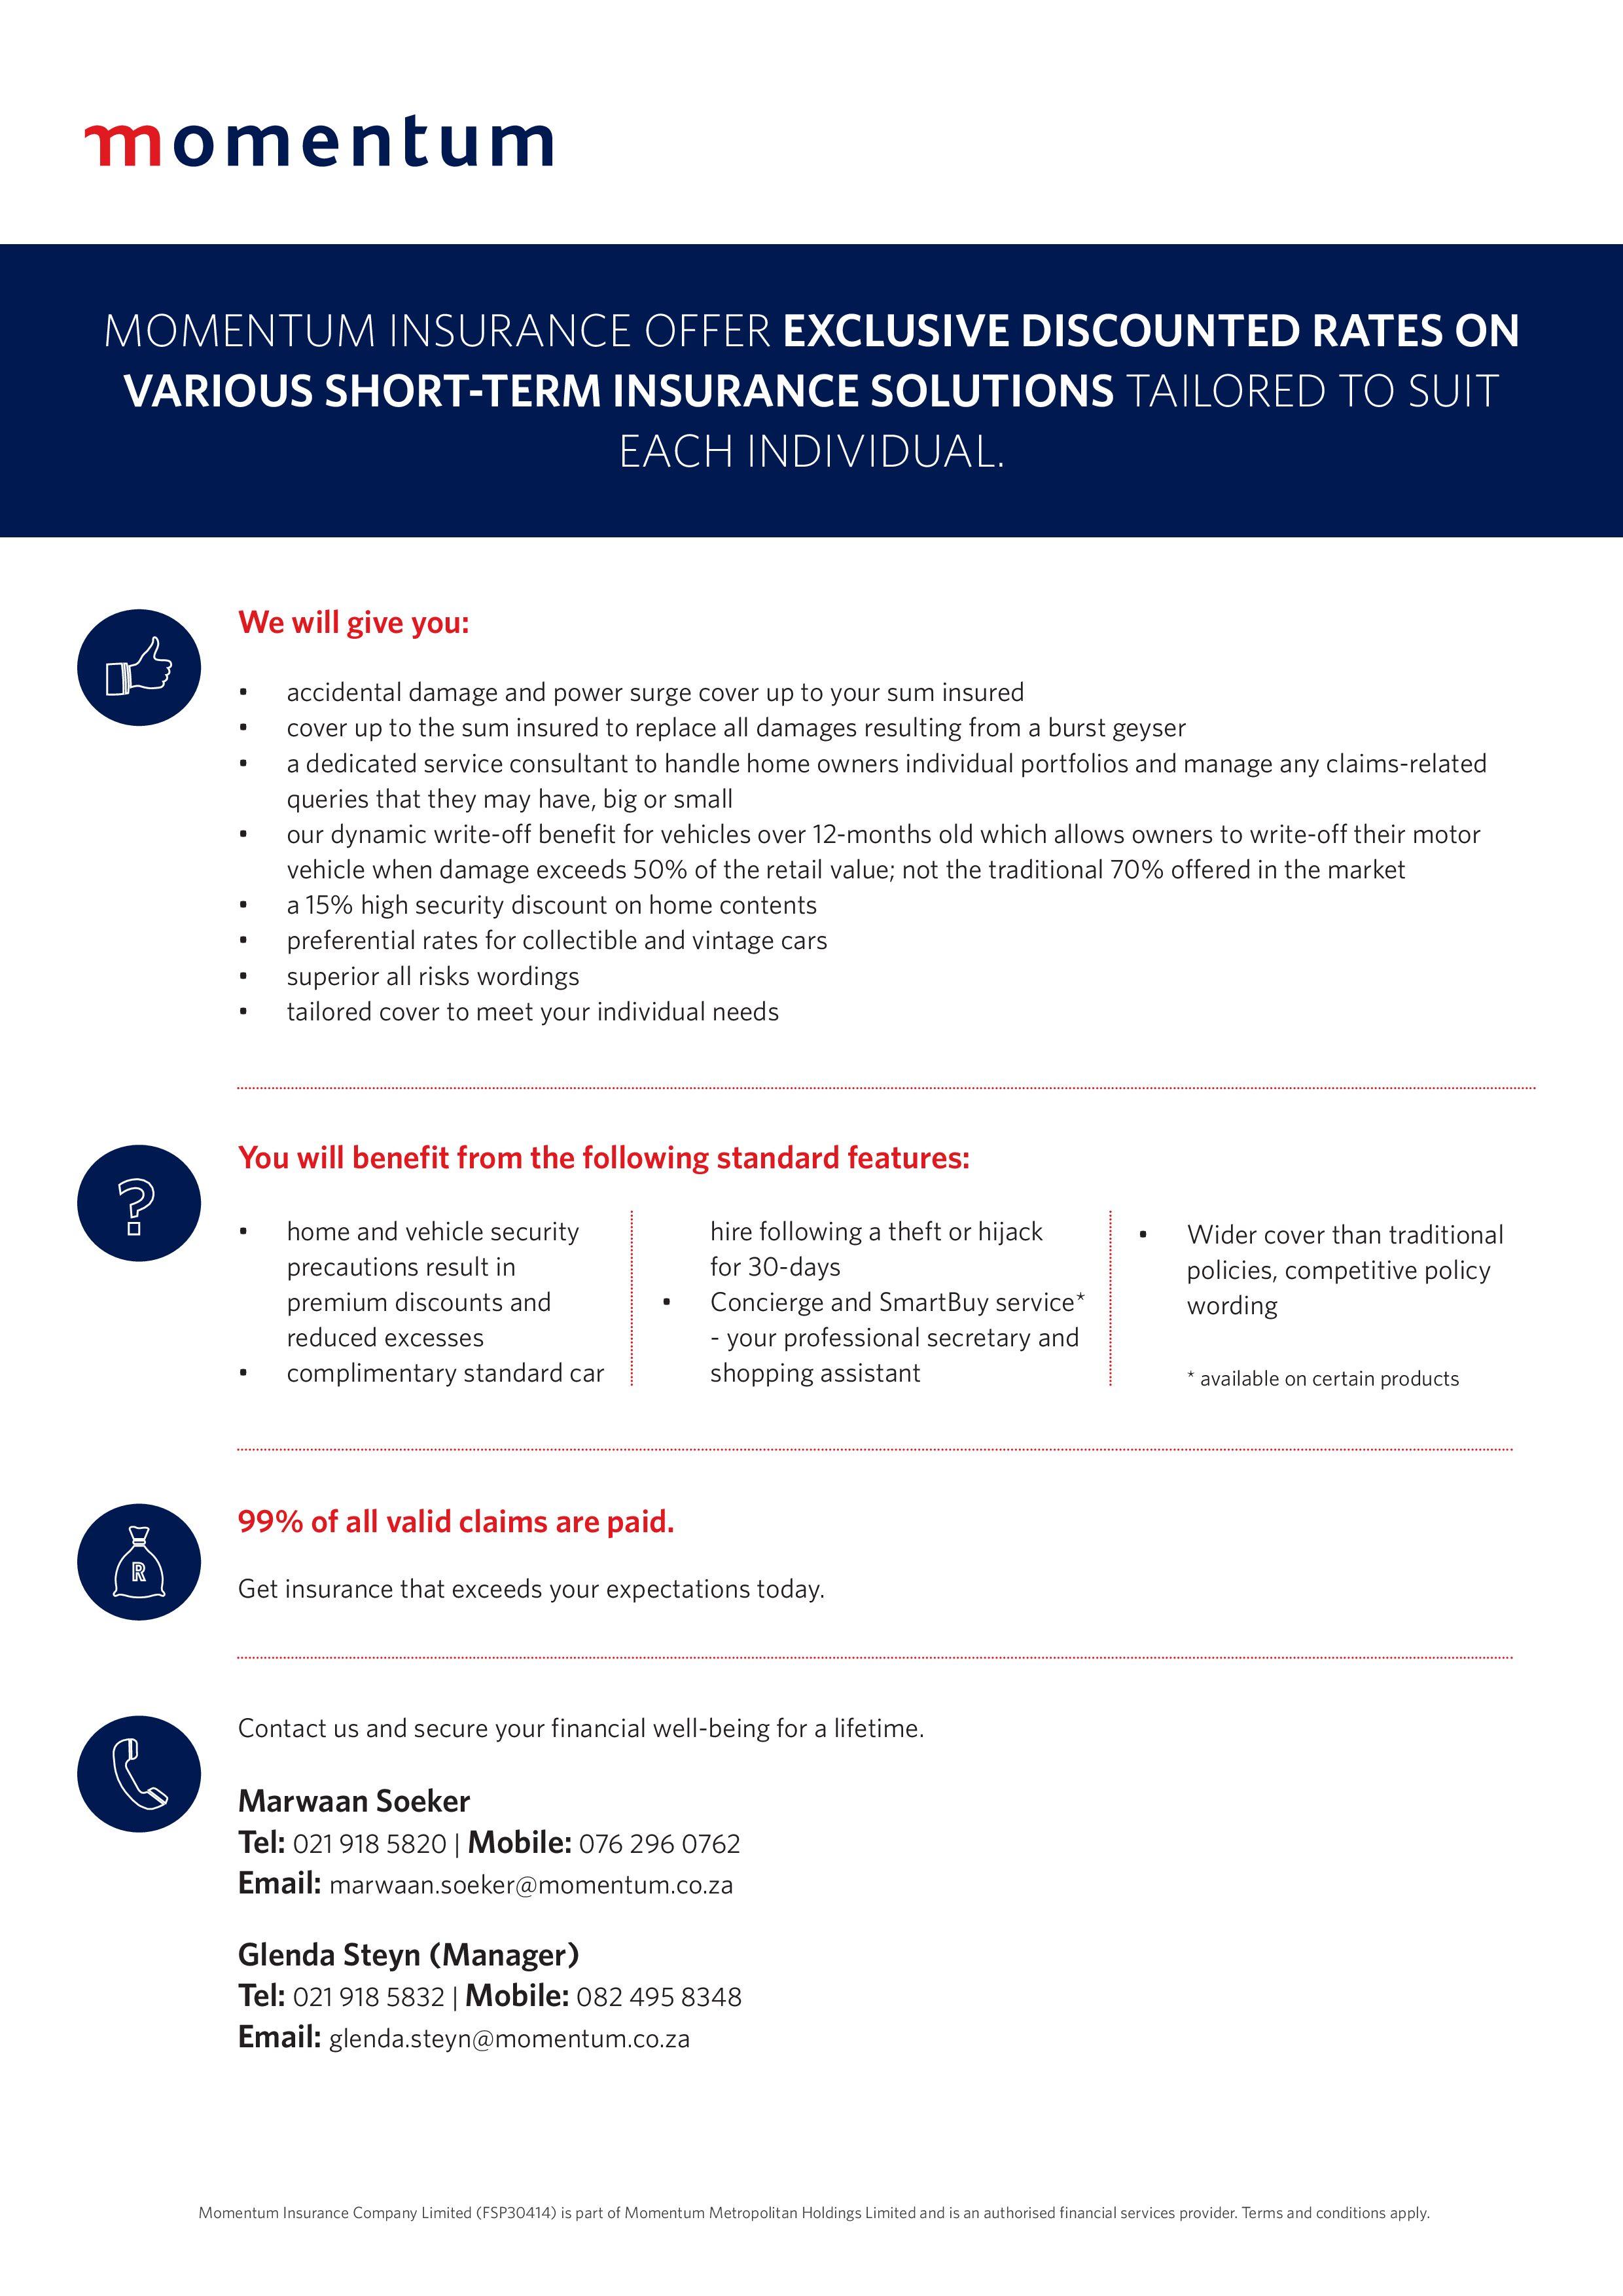 Momentum insurance